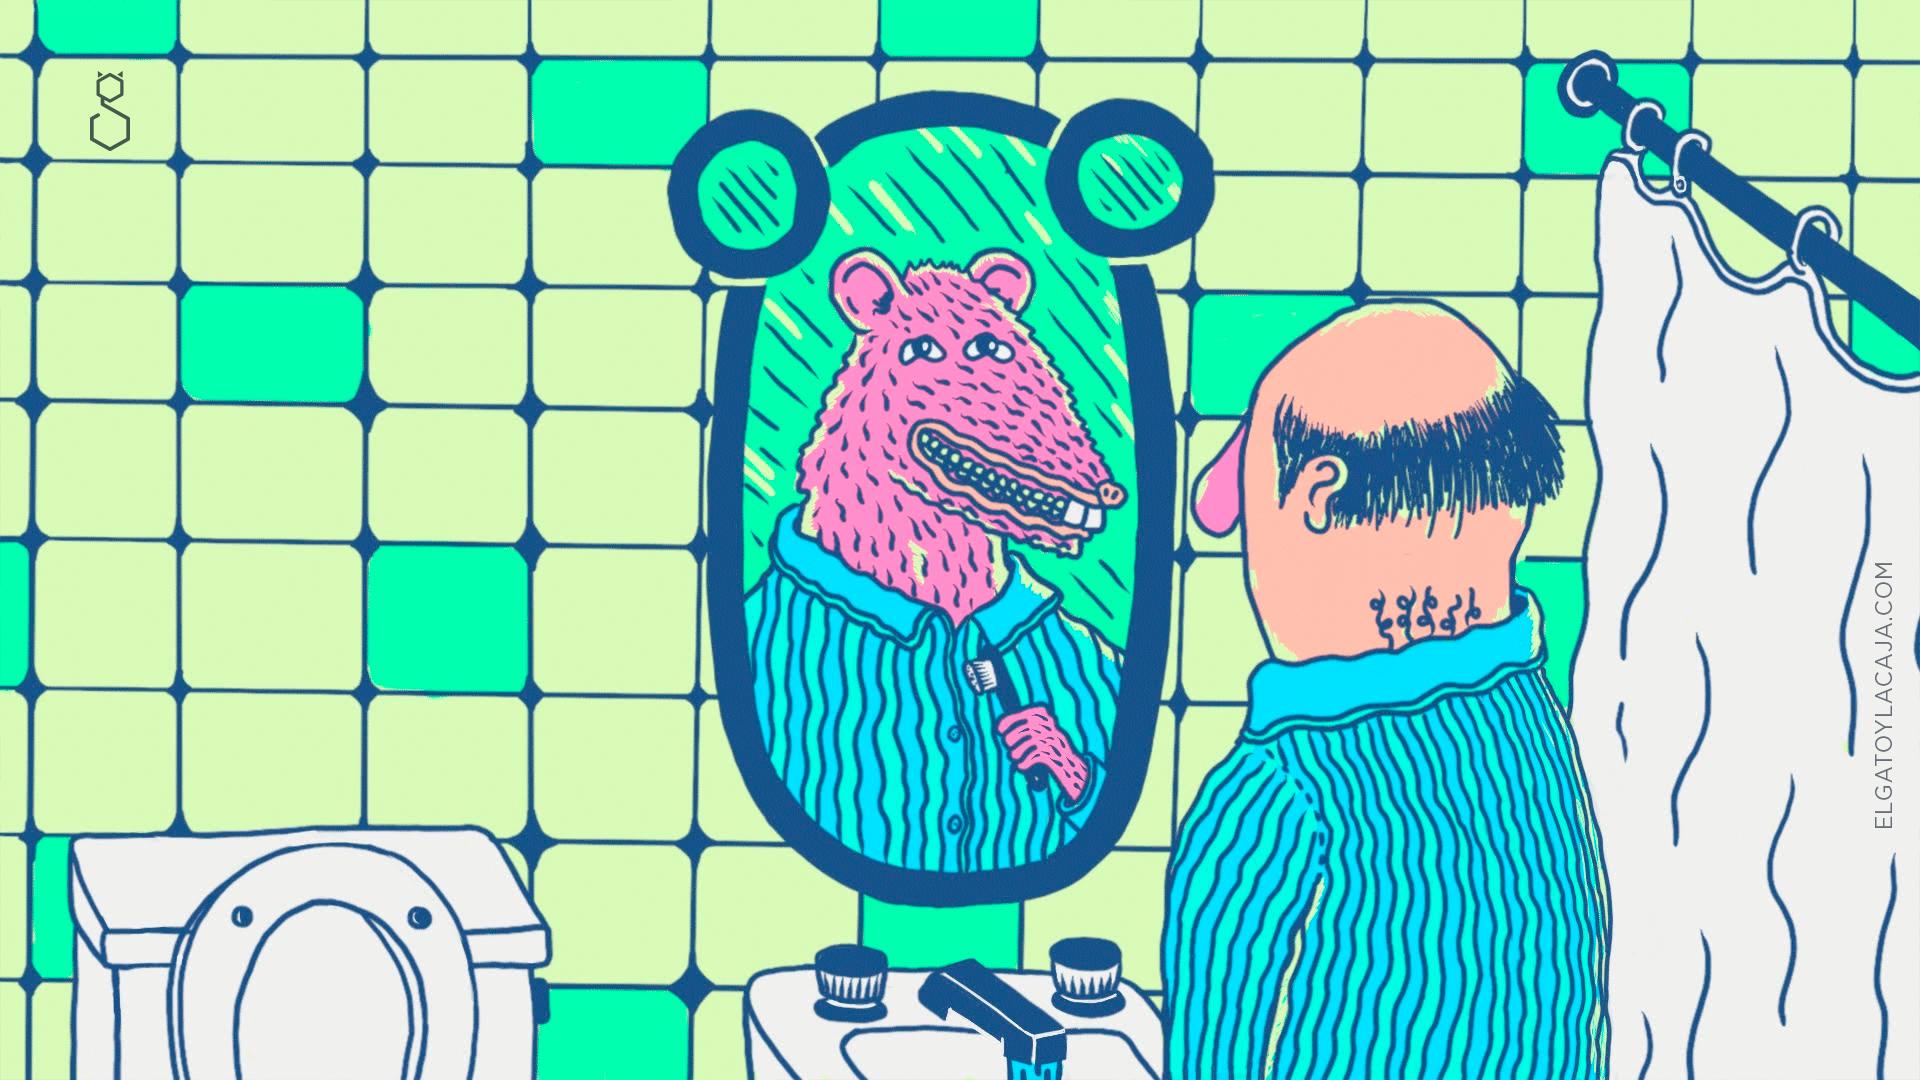 De ratones y humanos